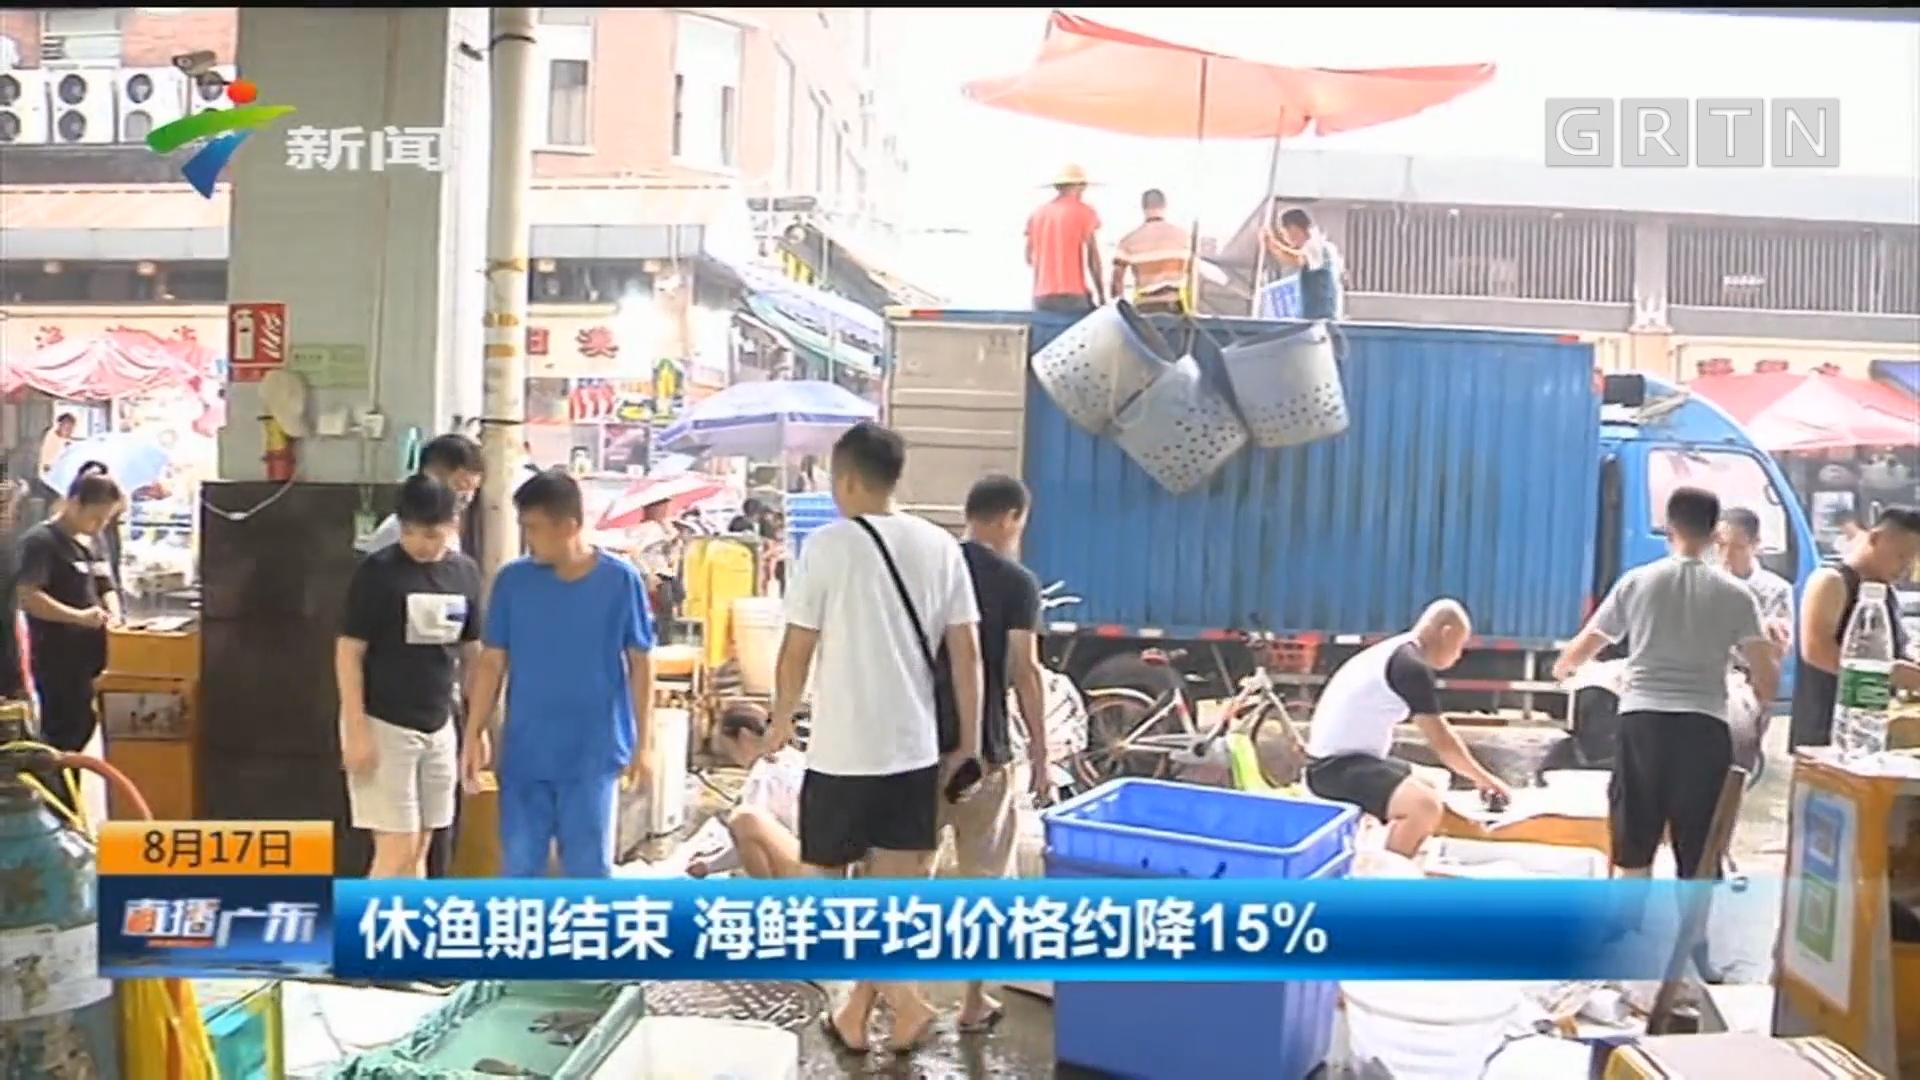 休渔期结束 海鲜平均价格约降15%